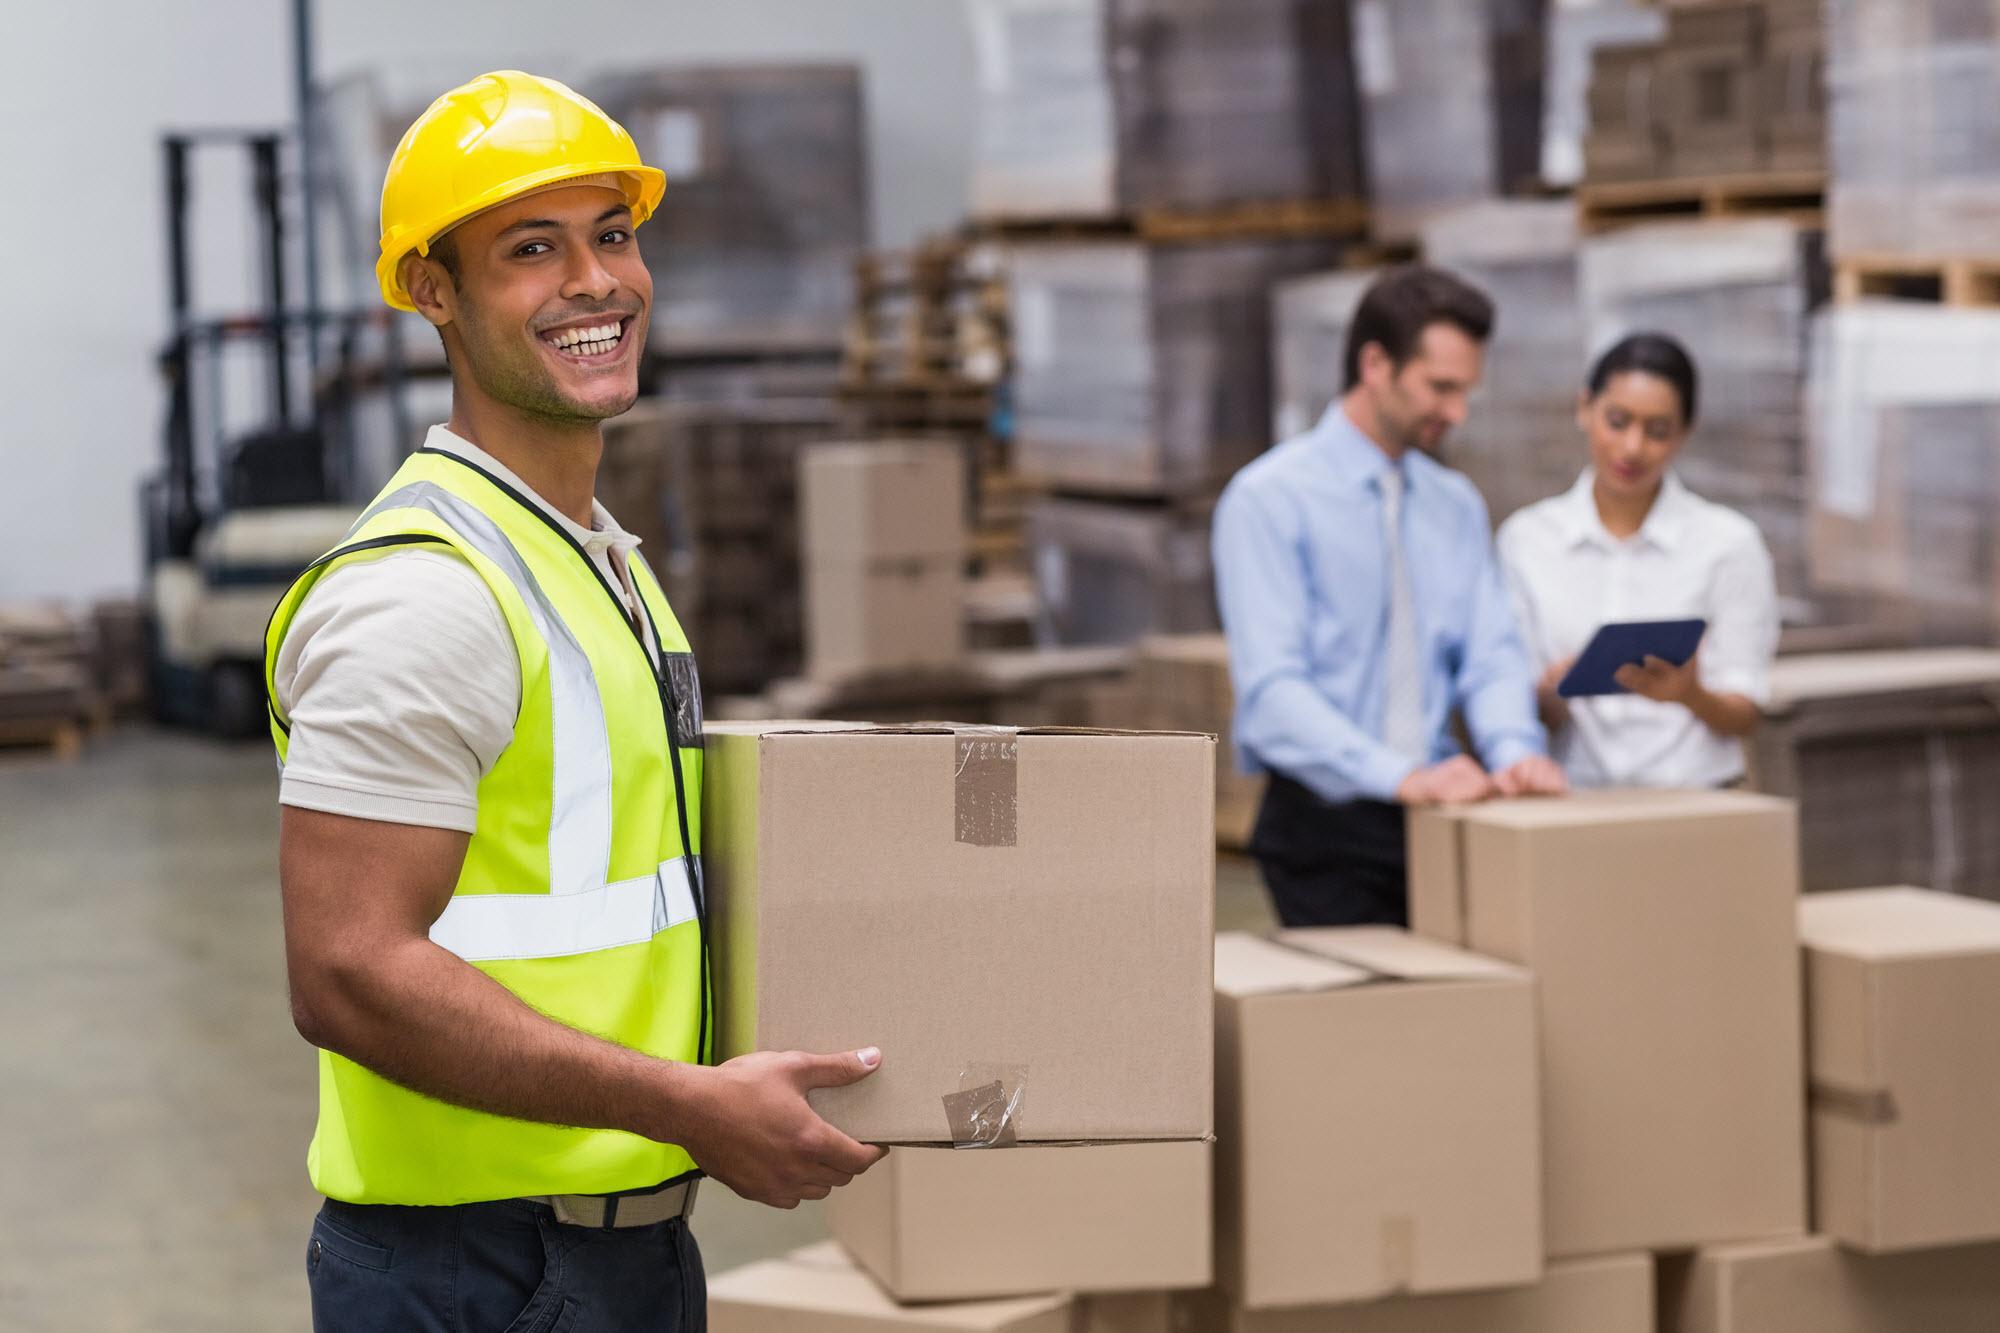 manual material handling at work